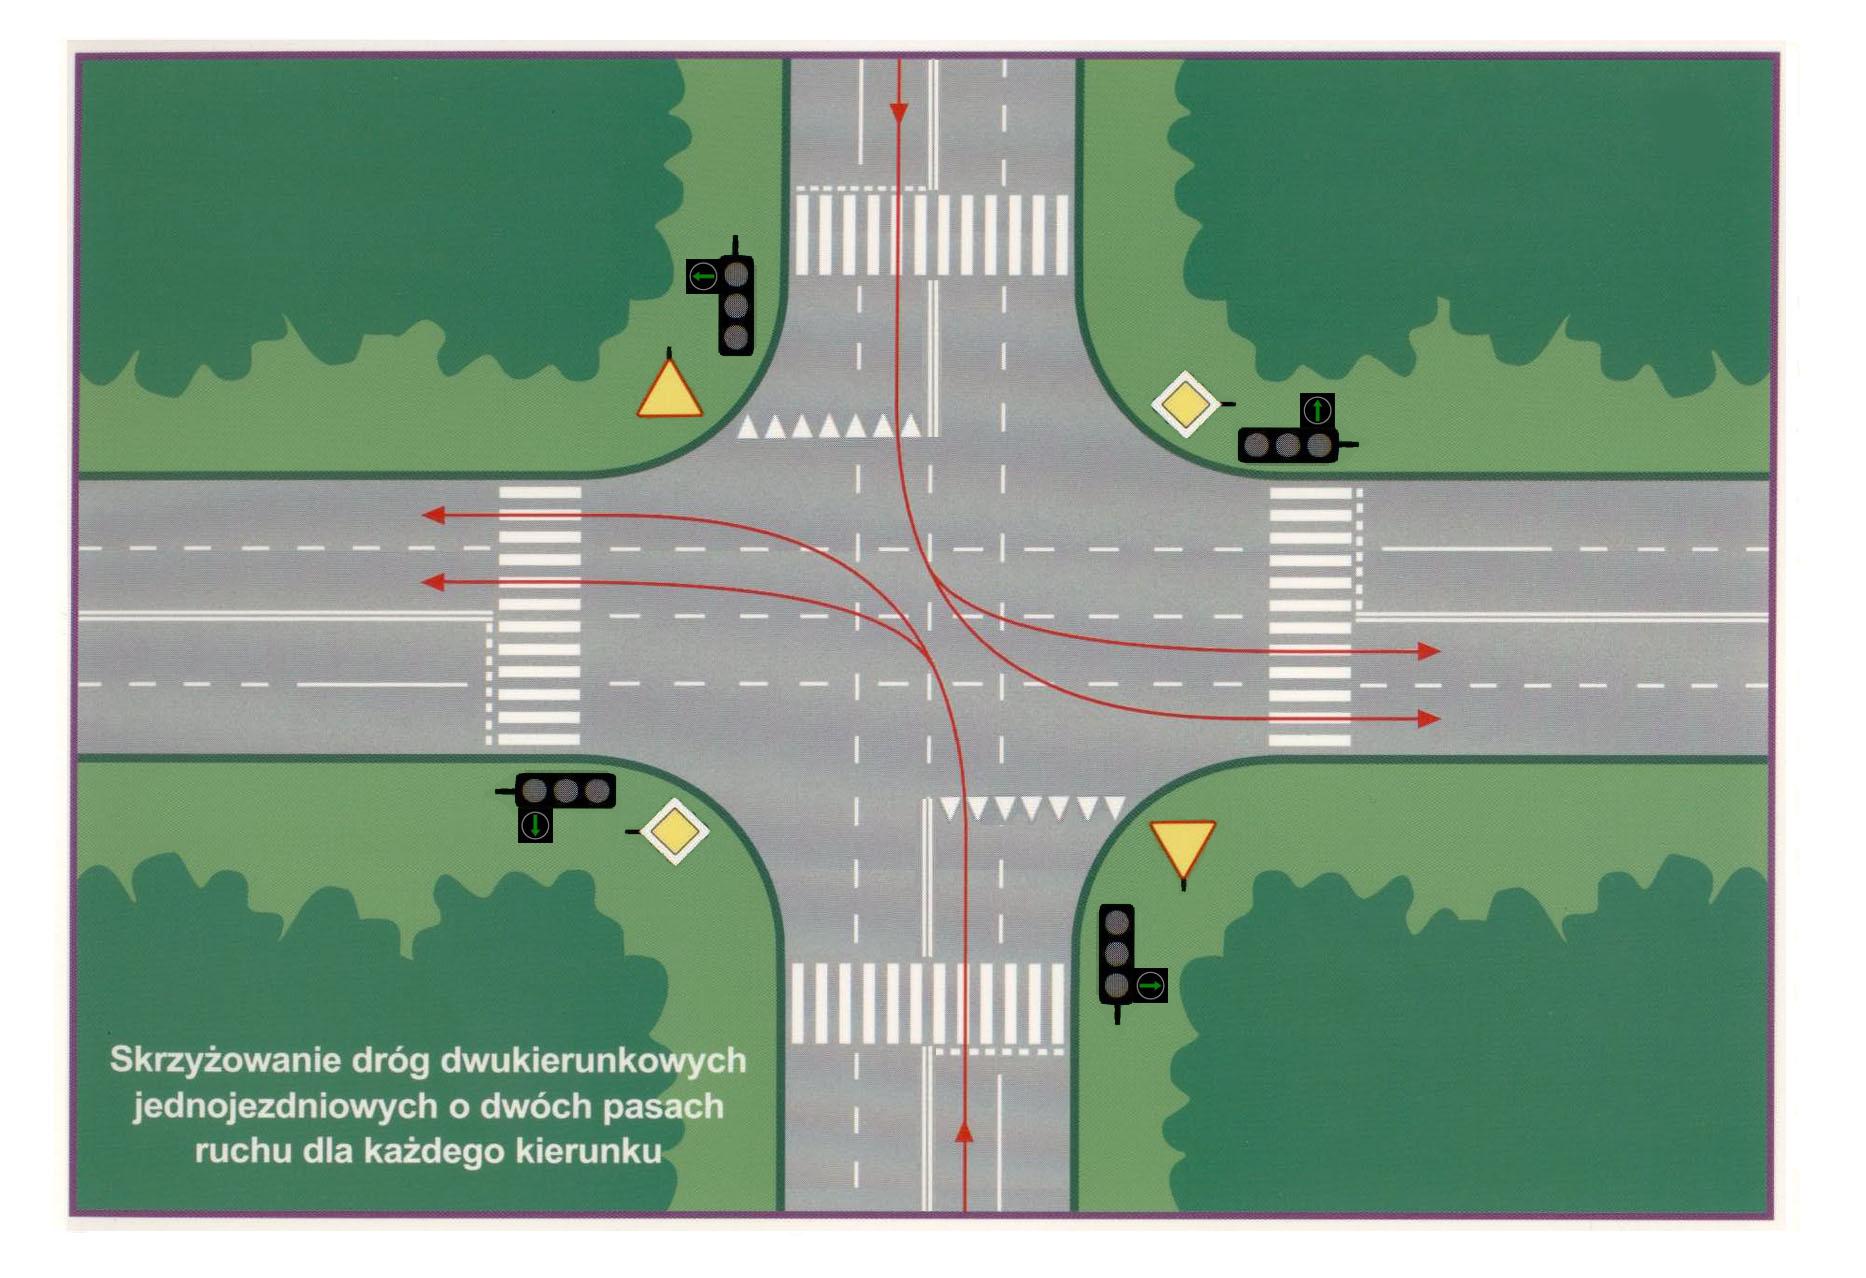 skrzyżowanie dróg dwukierunkowych jednojezdniowych o dwóch pasach